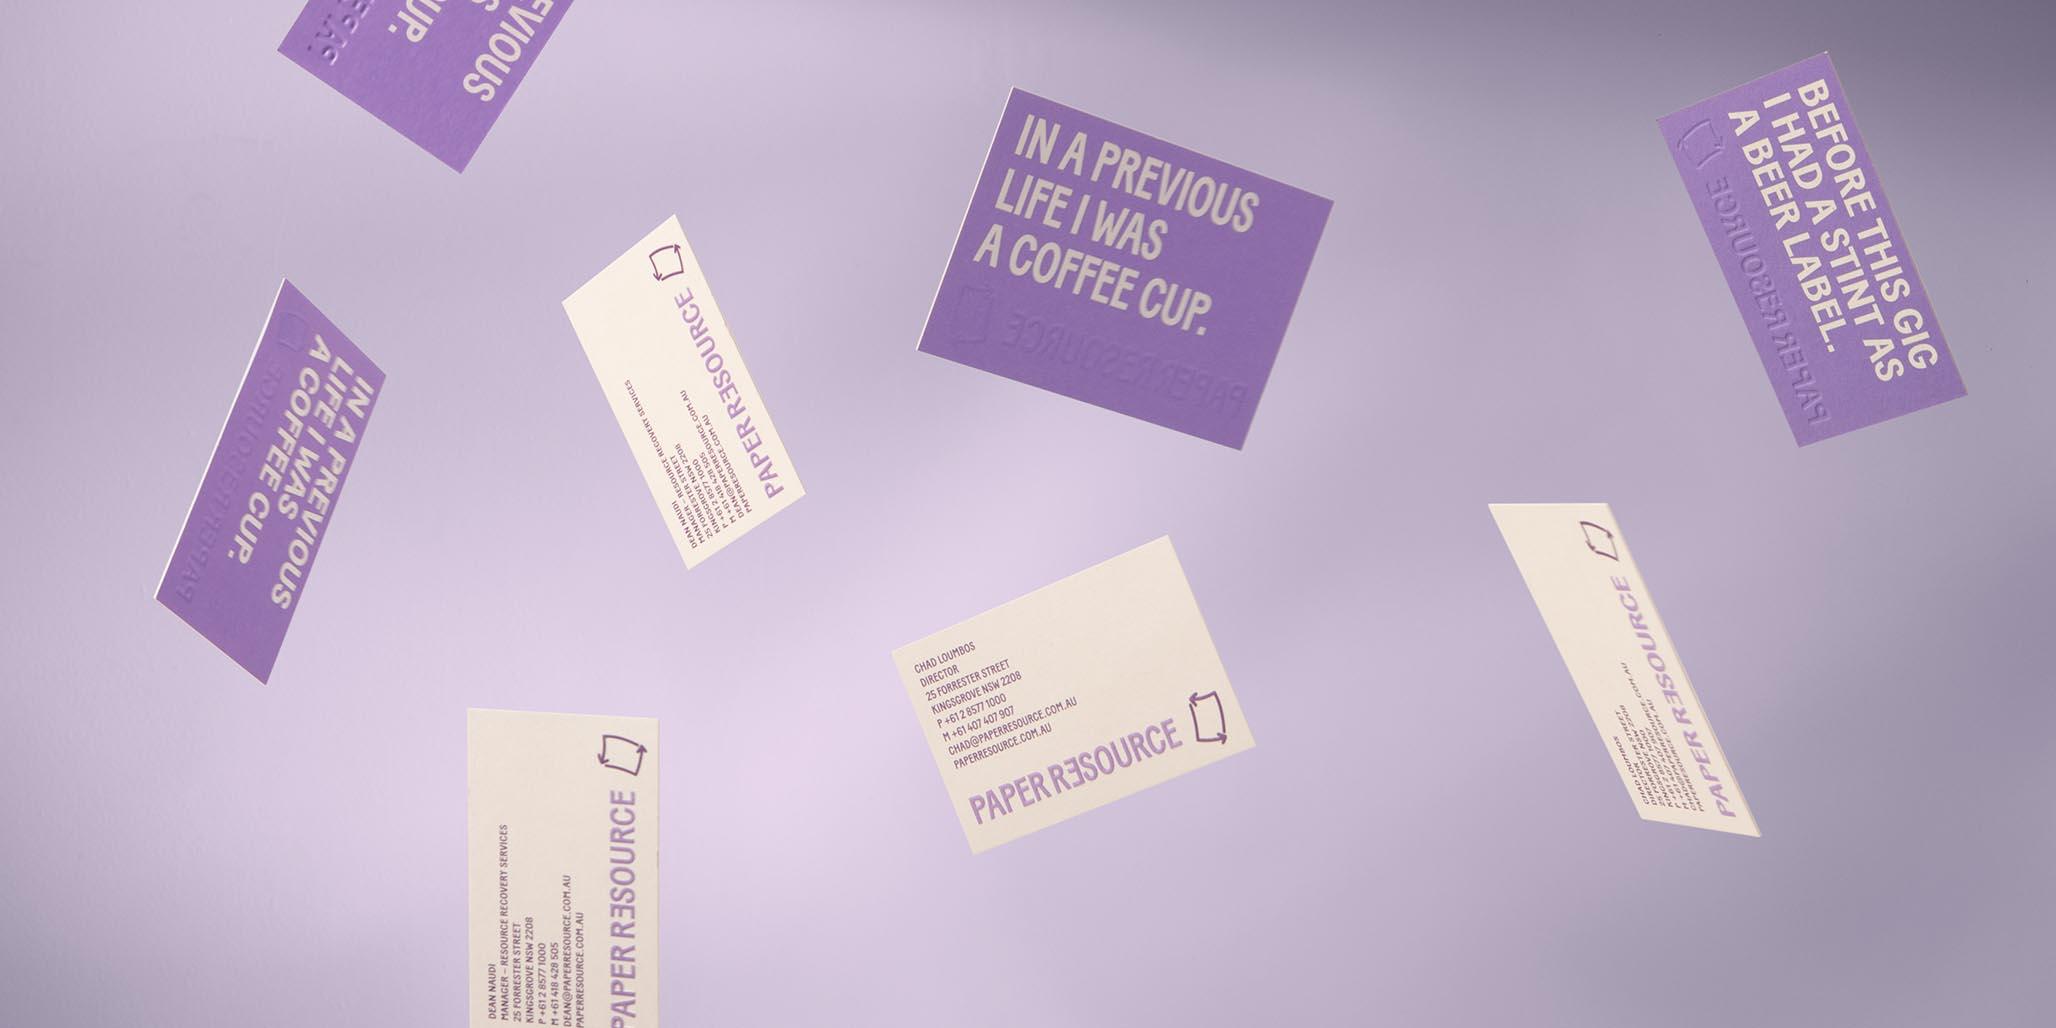 Branding design for PR by brand agency, Percept, image D